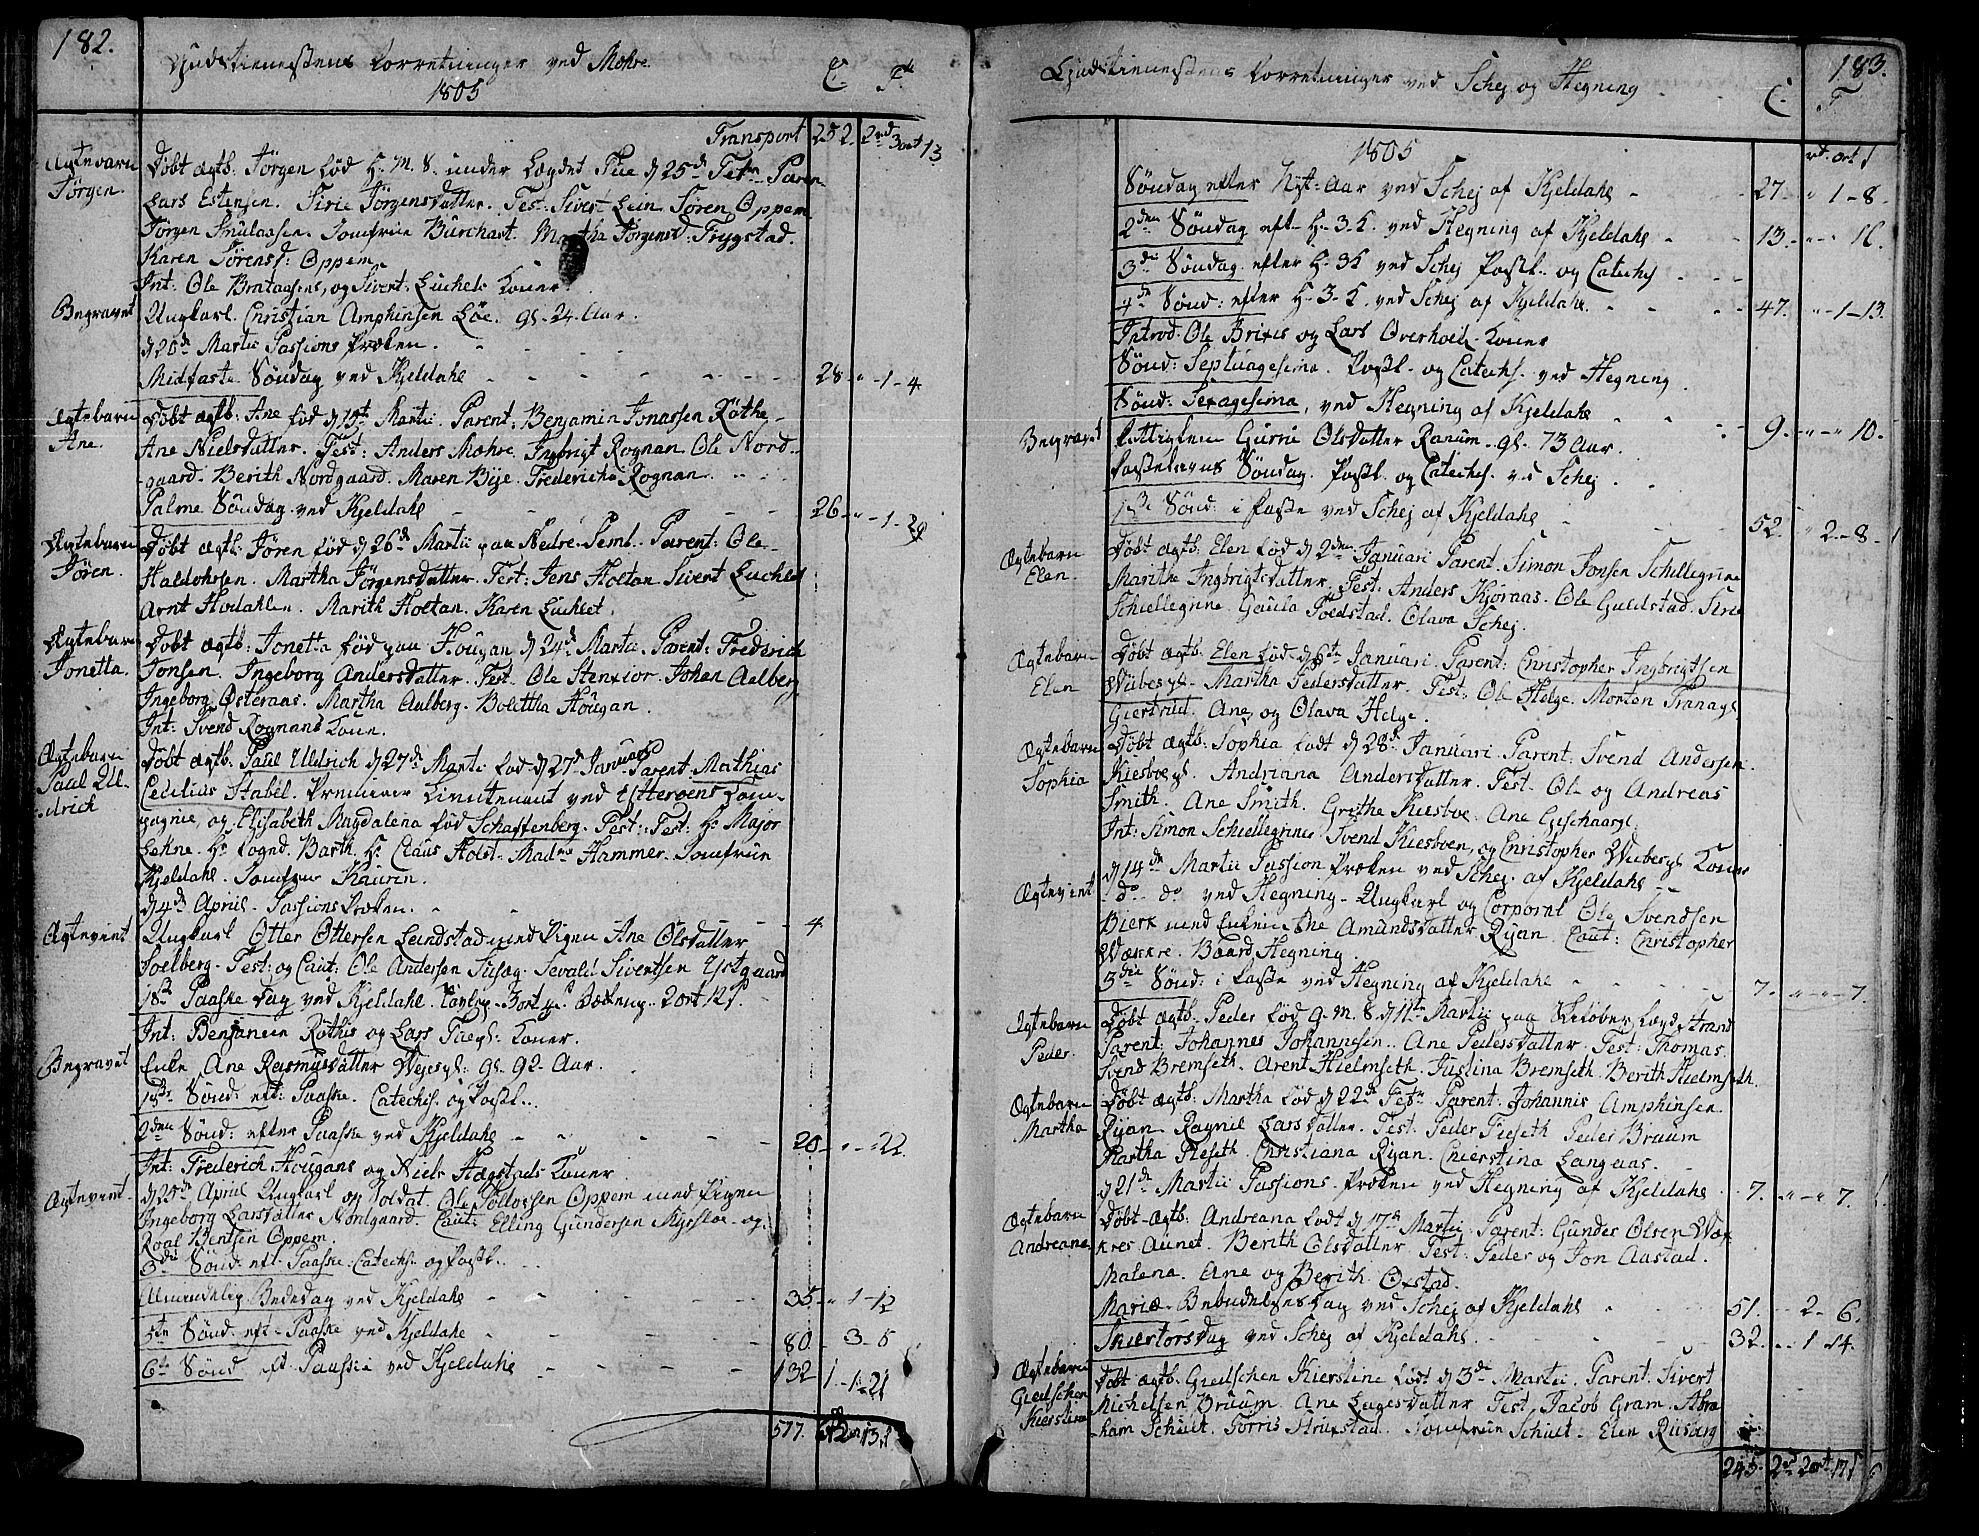 SAT, Ministerialprotokoller, klokkerbøker og fødselsregistre - Nord-Trøndelag, 735/L0332: Ministerialbok nr. 735A03, 1795-1816, s. 182-183